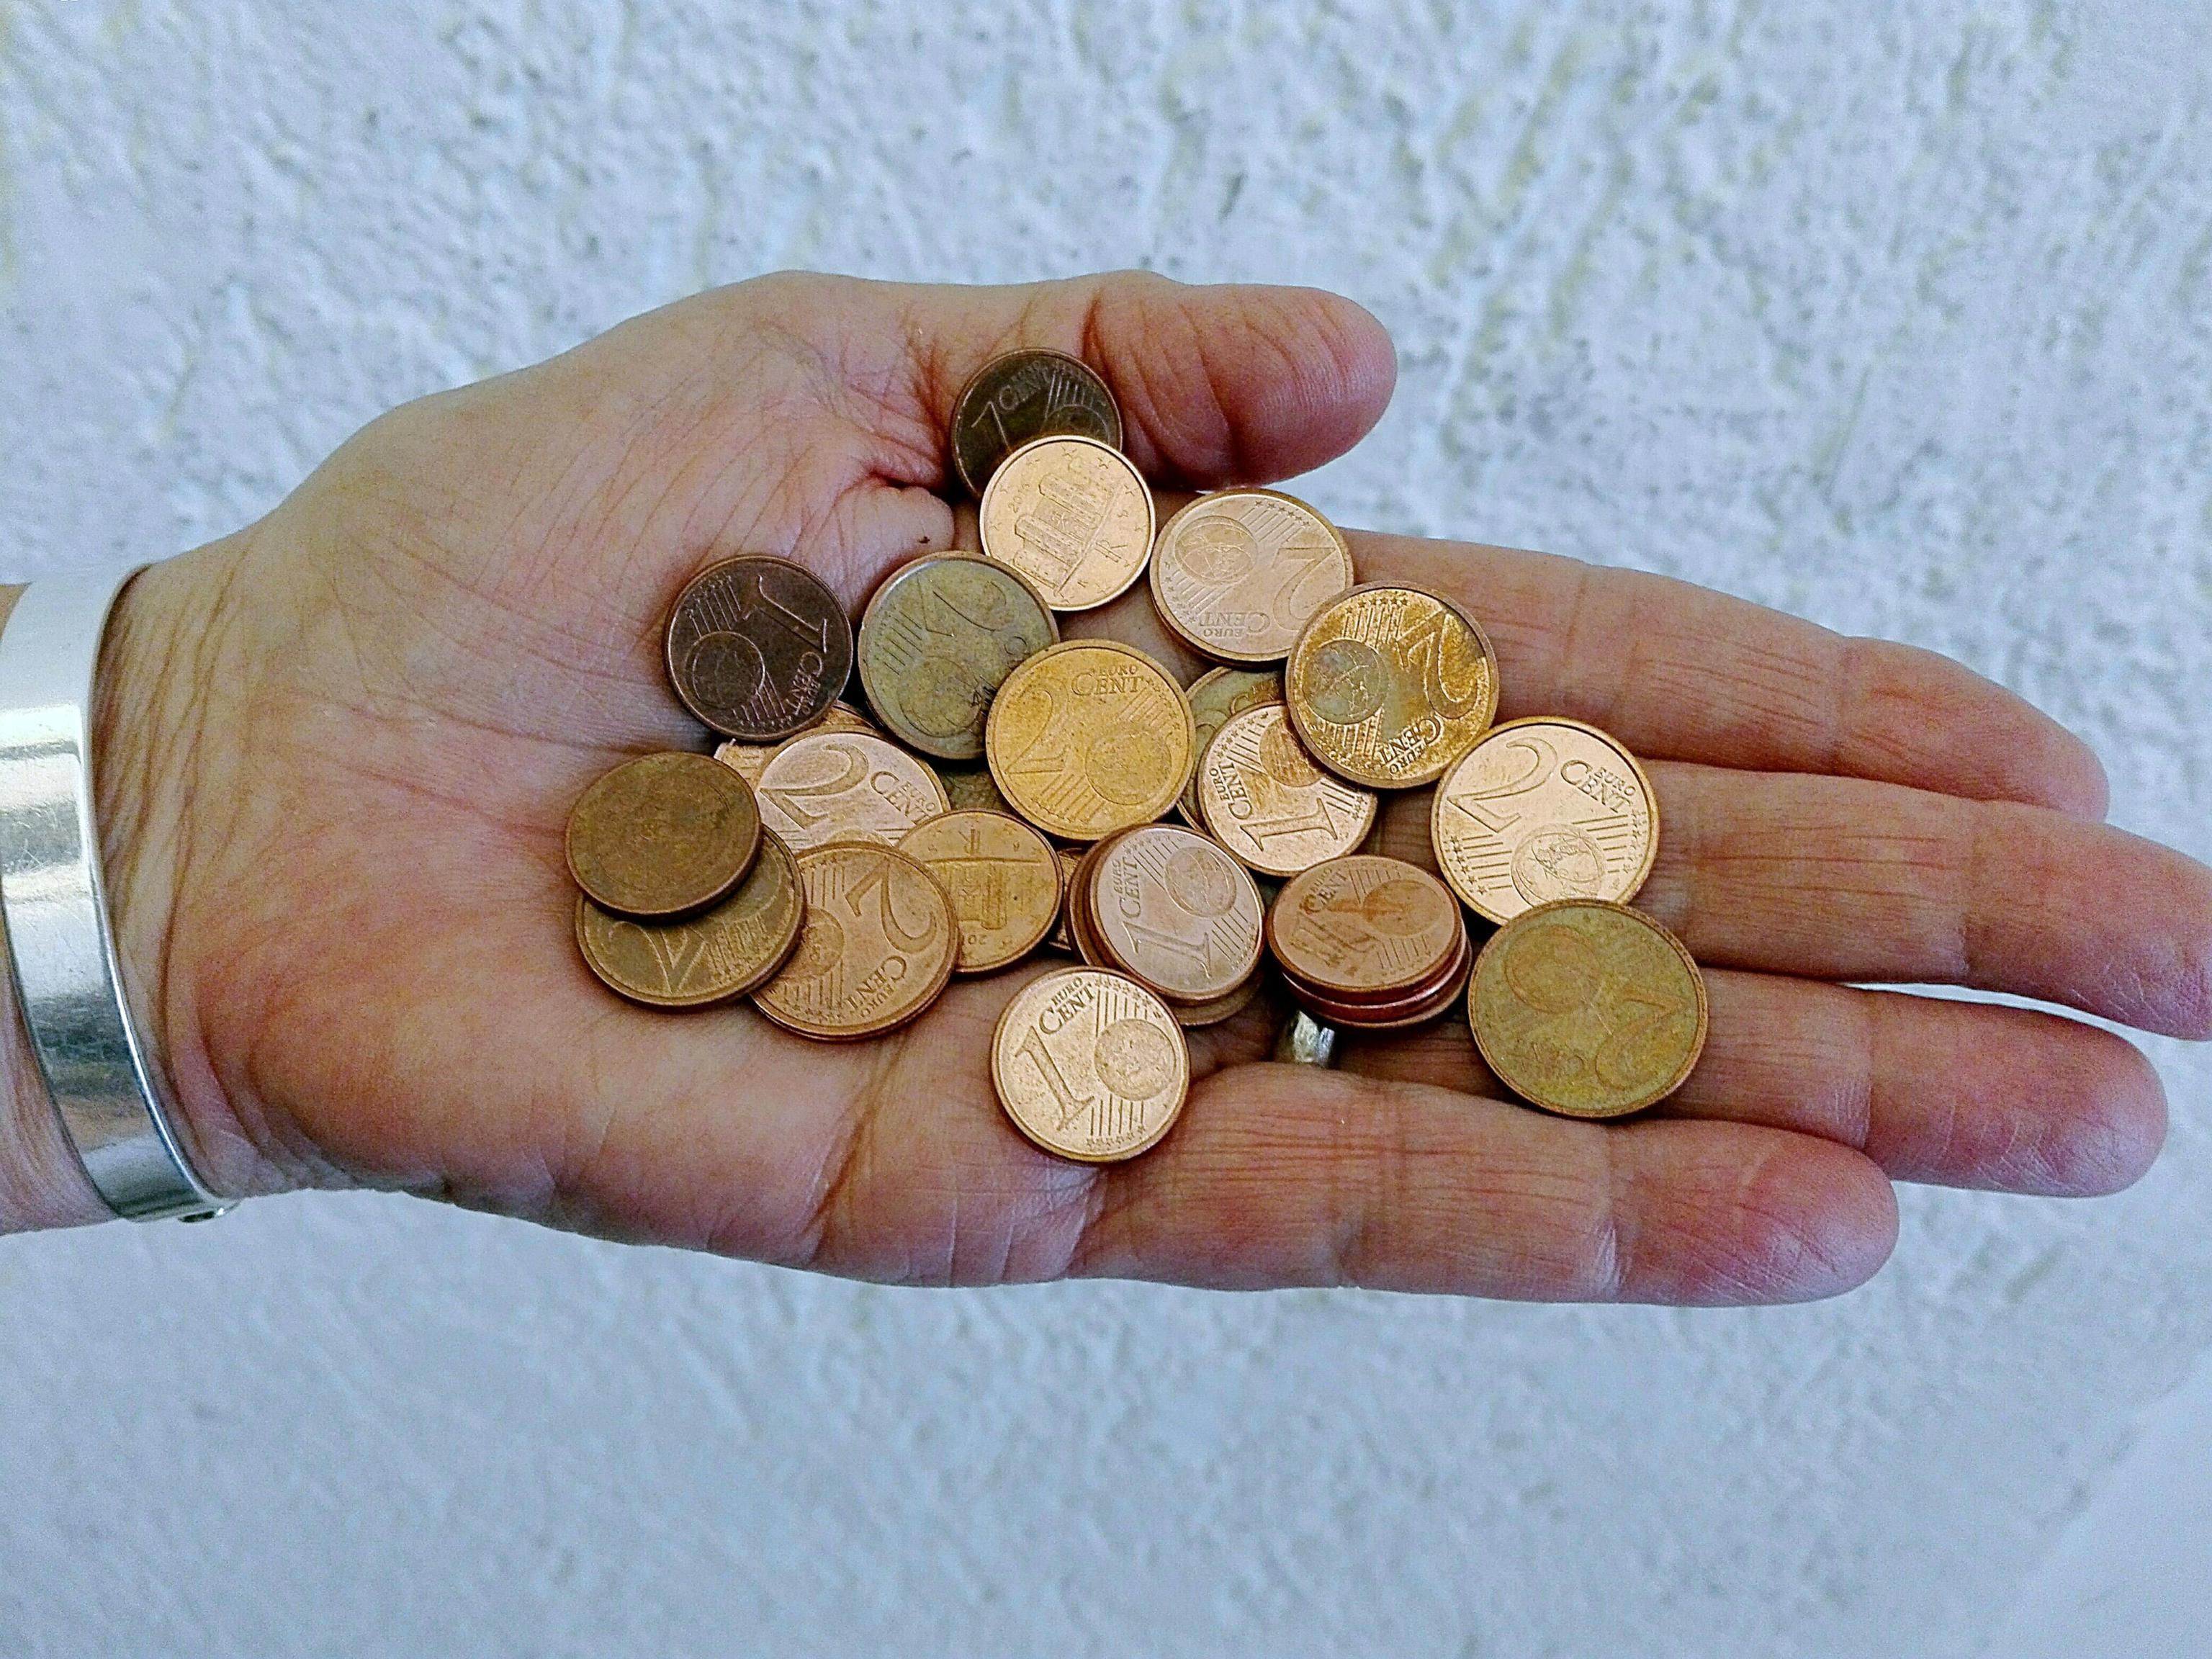 Monete da 1 e 2 centesimi: addio dal 2018 se passa l'emendamento Pd